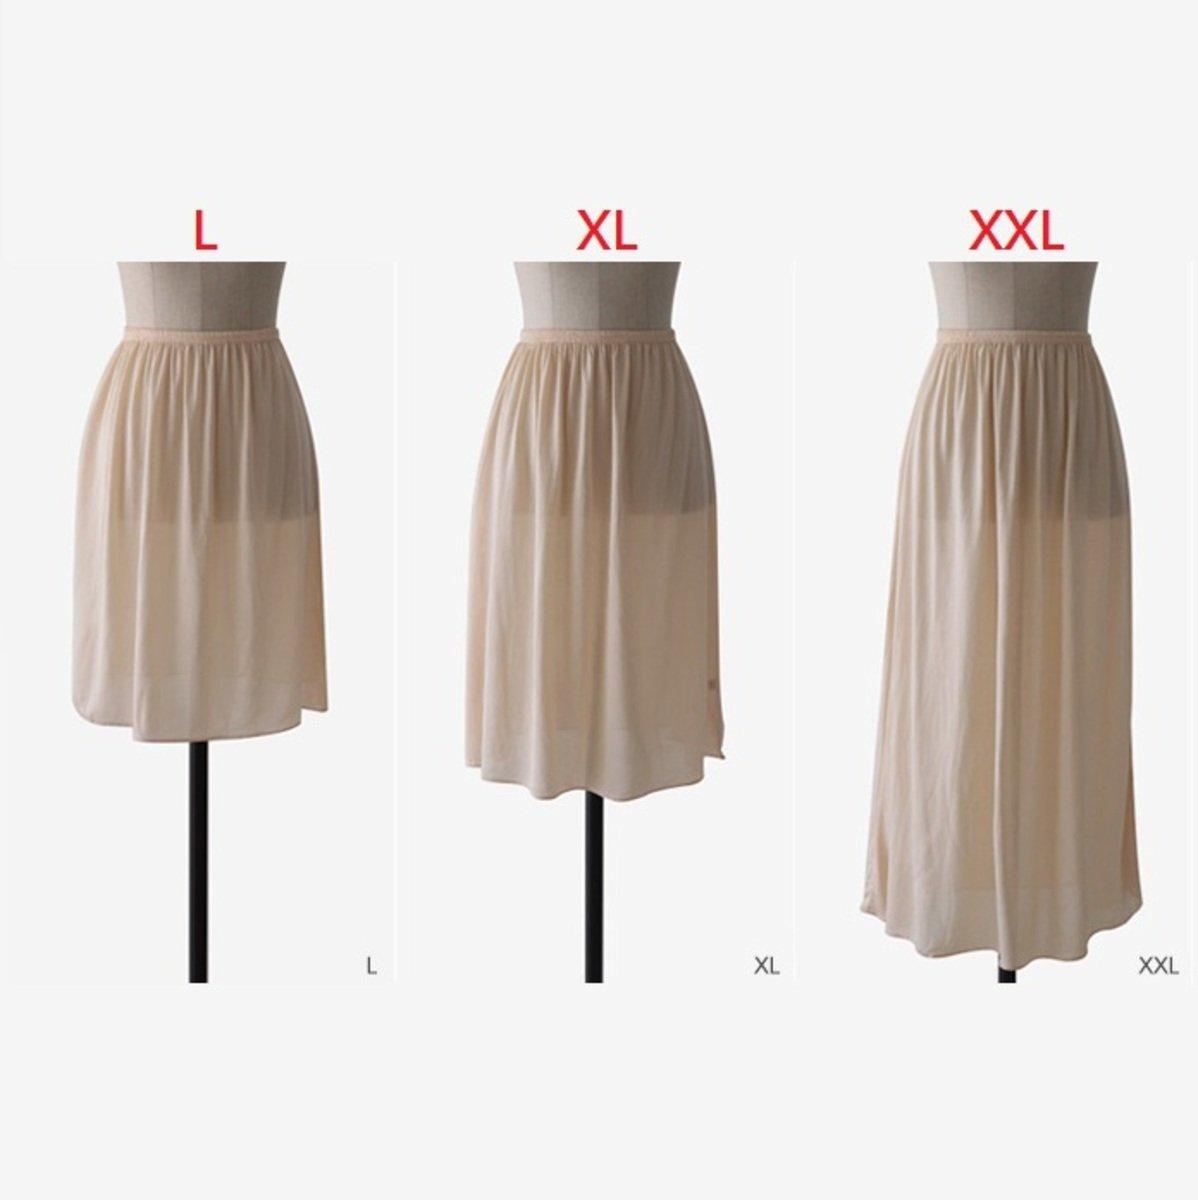 橡筋腰底裙_14674